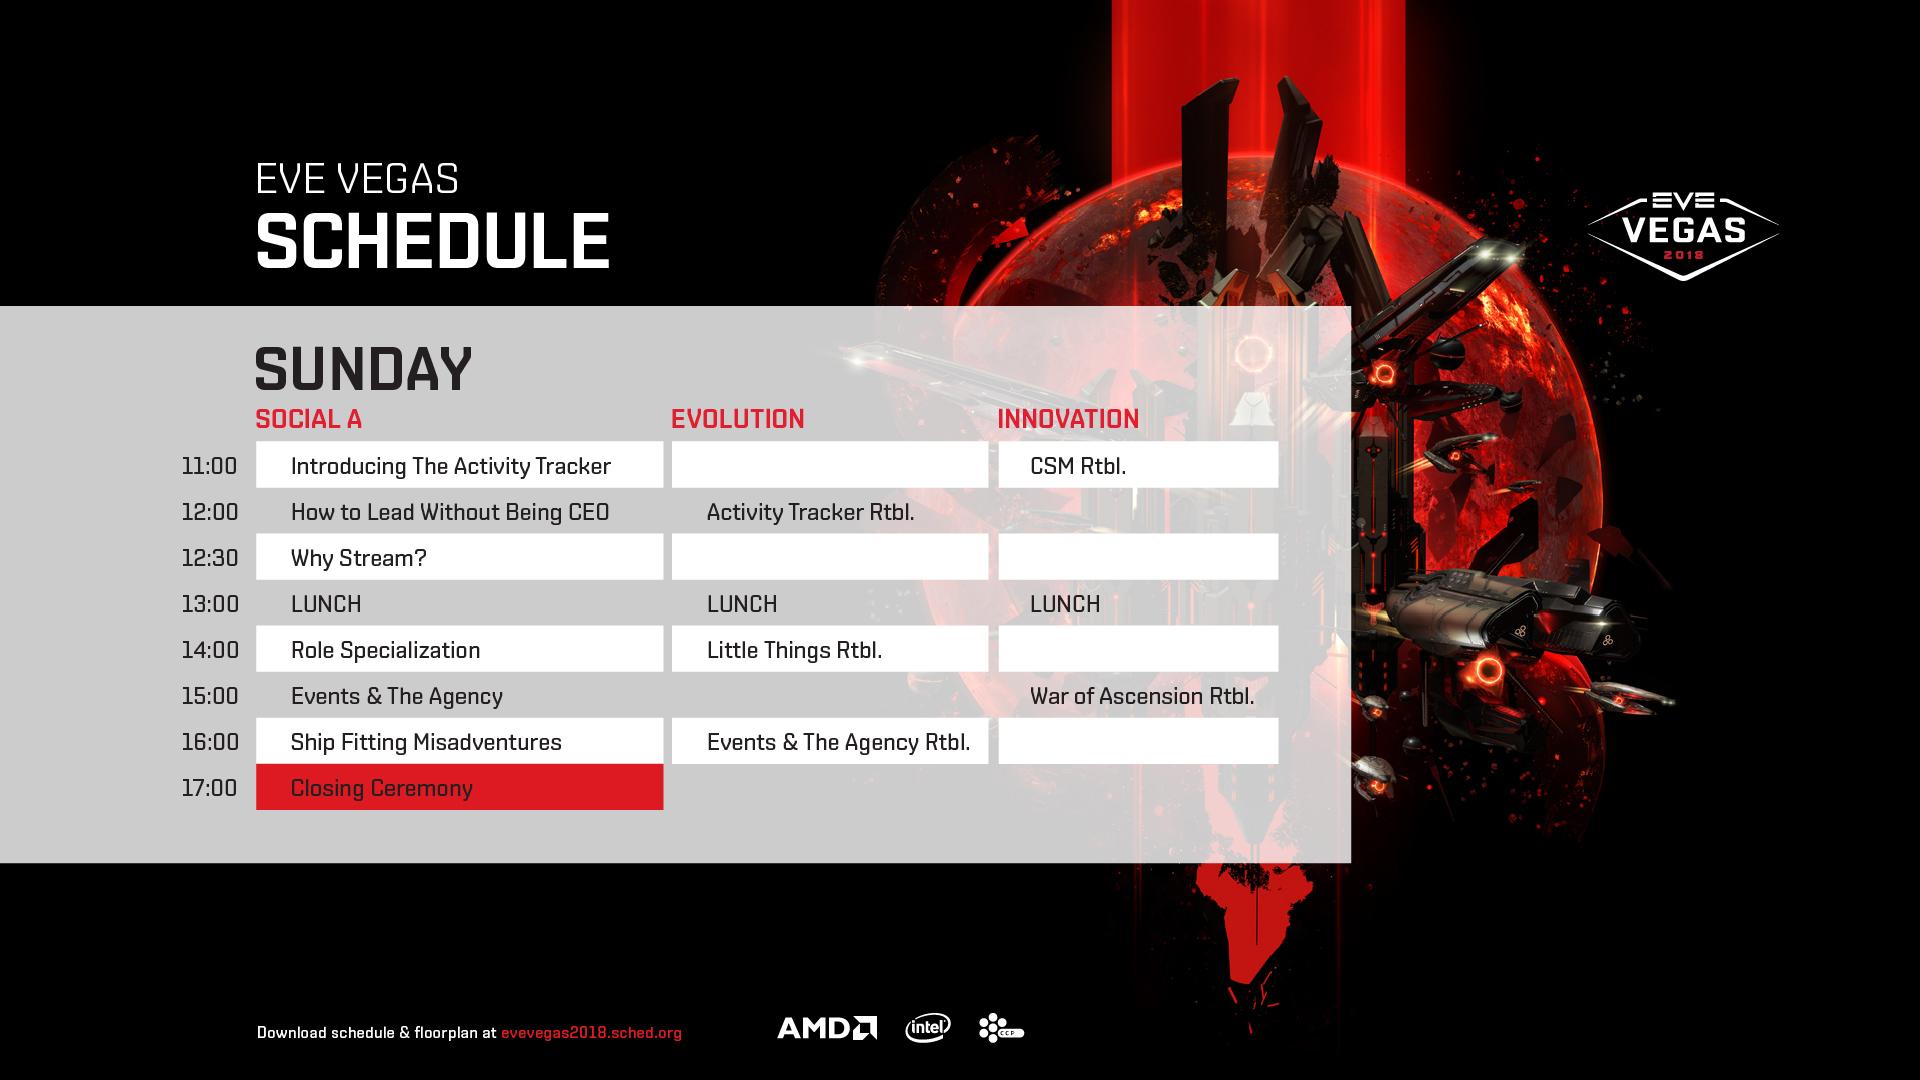 Schedule Sunday